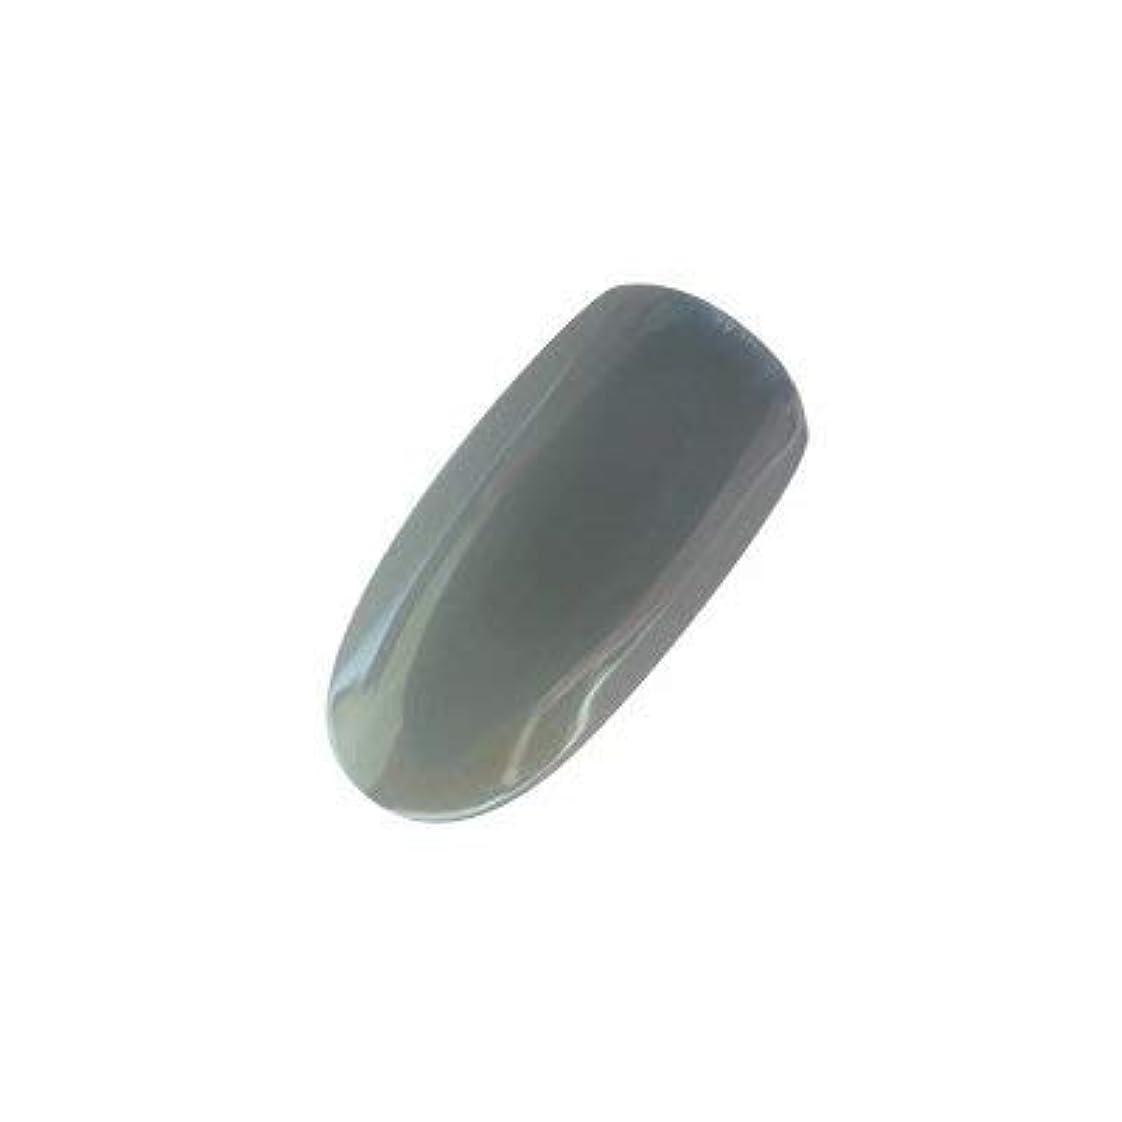 ワードローブブロンズインシュレータアイニティ カラージェル 009 テクノグレー 5g